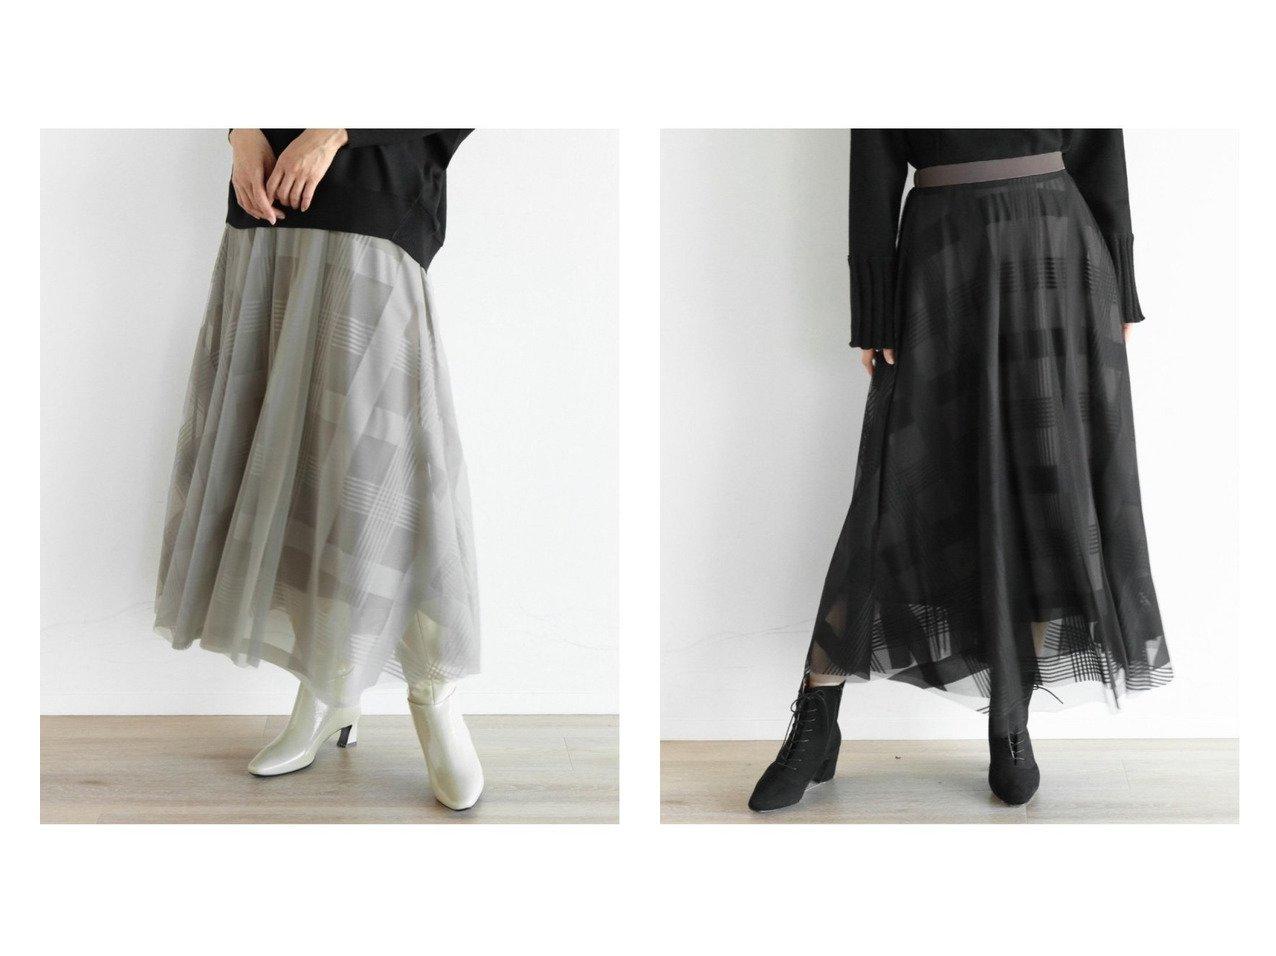 【soeur7/スール】のチュールチェックスカート 【スカート】おすすめ!人気、トレンド・レディースファッションの通販 おすすめで人気の流行・トレンド、ファッションの通販商品 メンズファッション・キッズファッション・インテリア・家具・レディースファッション・服の通販 founy(ファニー) https://founy.com/ ファッション Fashion レディースファッション WOMEN スカート Skirt ロングスカート Long Skirt シューズ シンプル チェック チュール ロング  ID:crp329100000029141